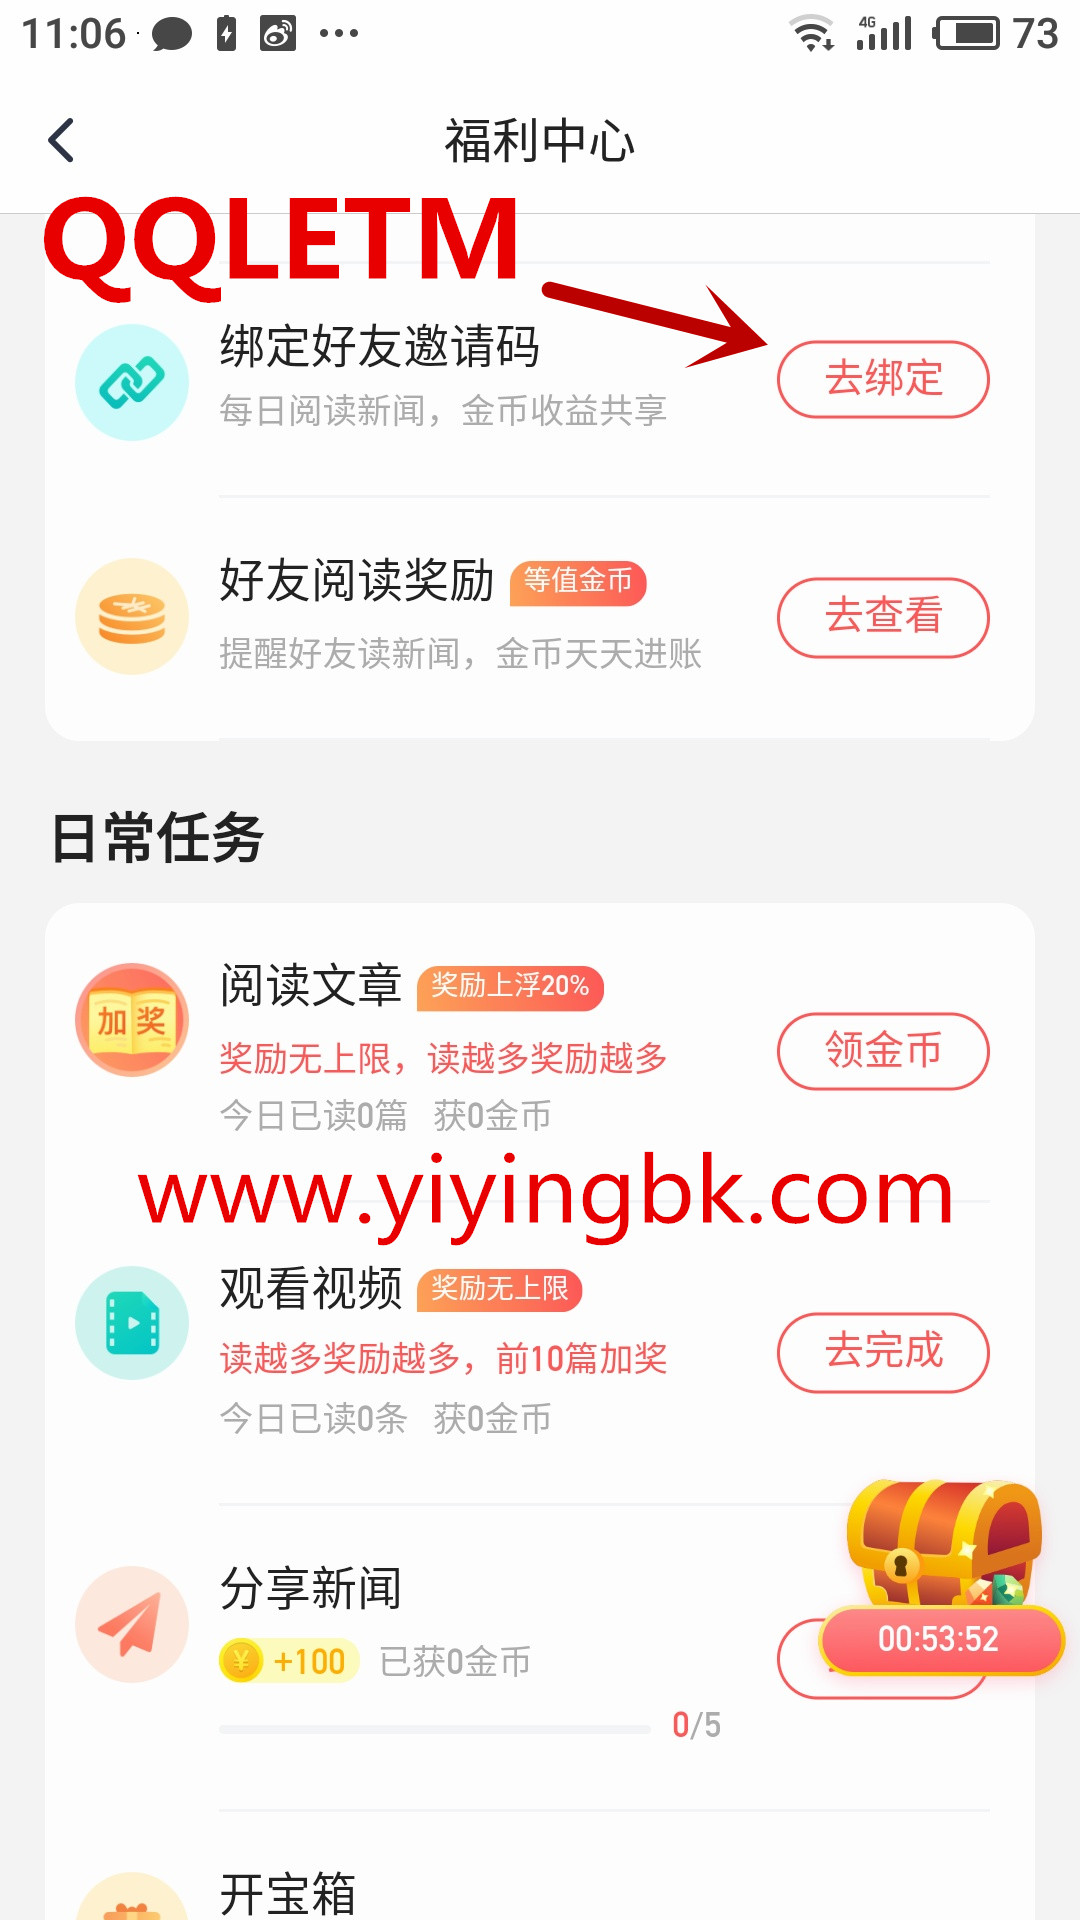 腾讯新闻极速版输入邀请码QQLETM领取现金红包1~9.9元